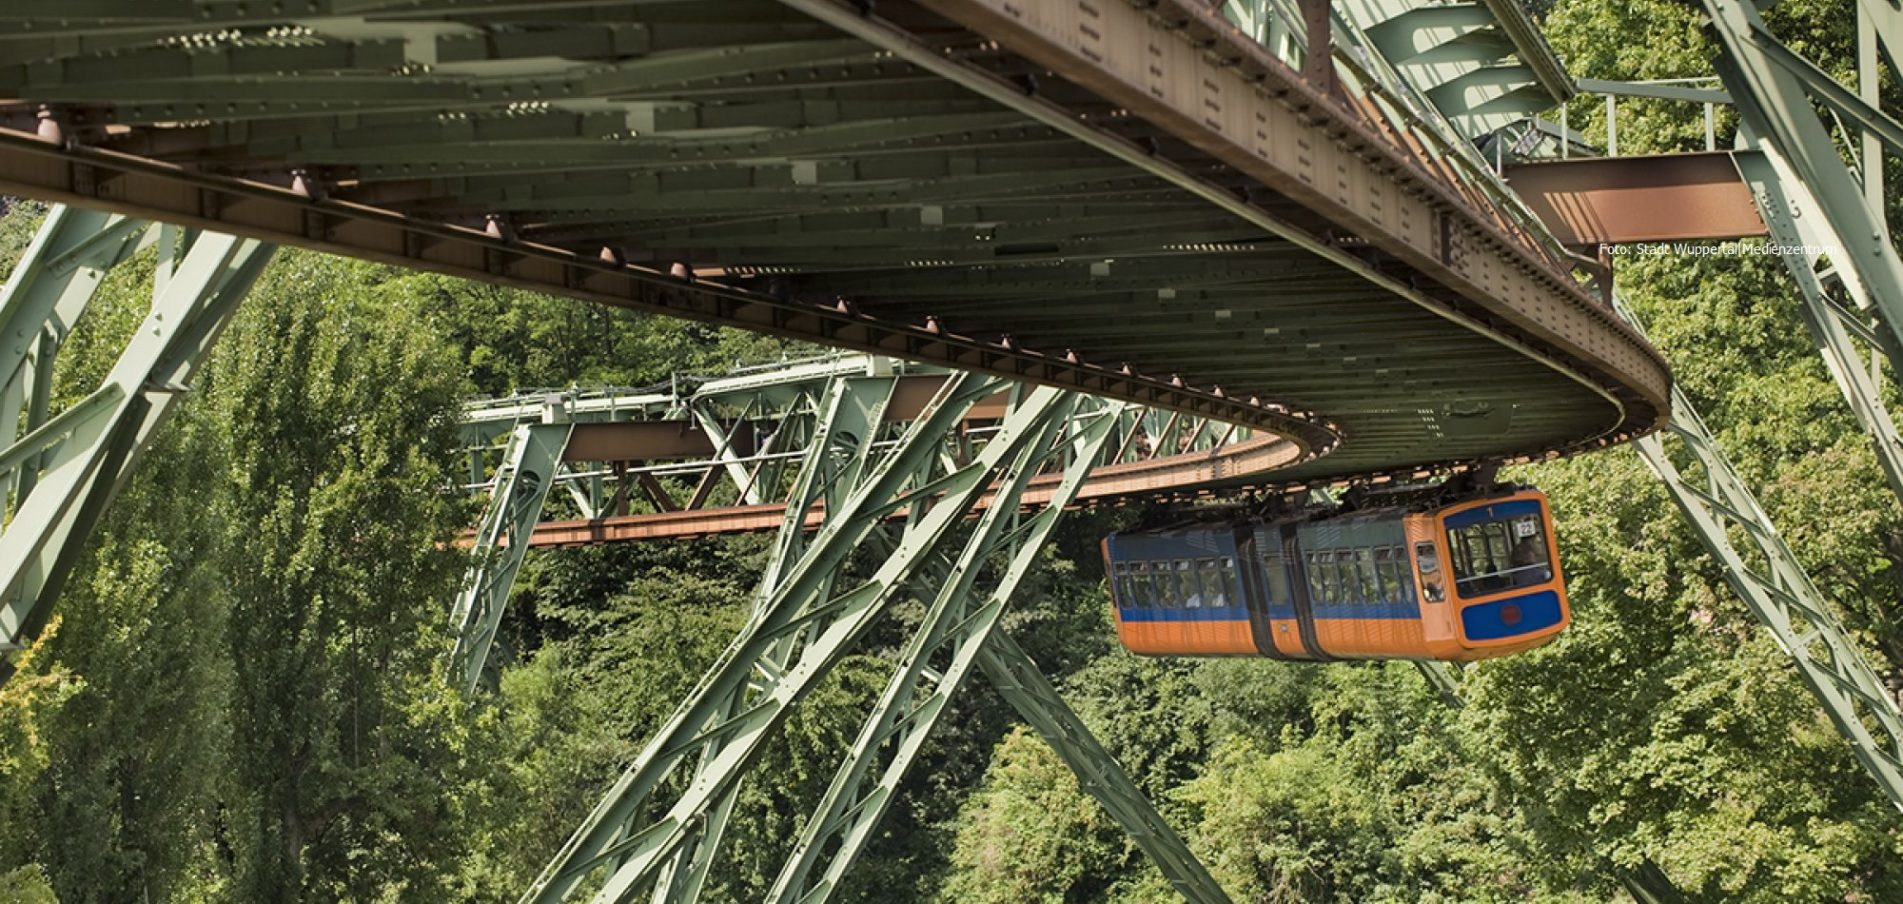 Willkommen in Wuppertal ......Deutschlands grünster Großstadt!